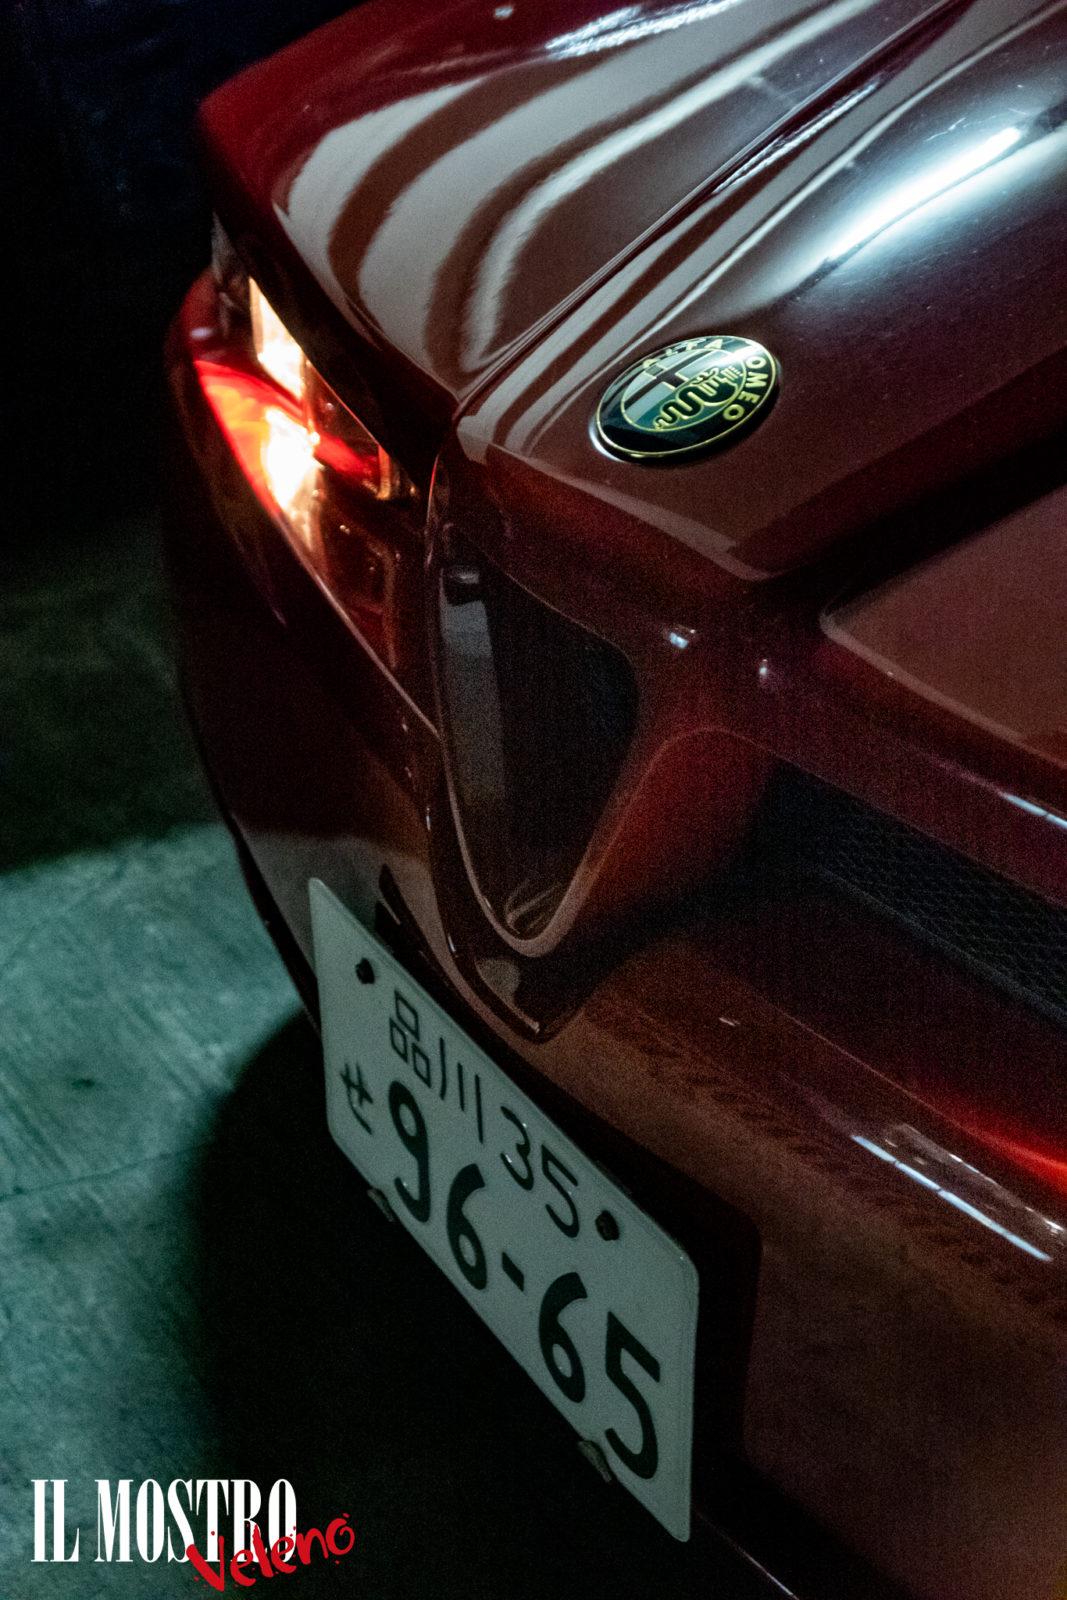 IL MOSTRO Velene : Alfa Romeo RZ